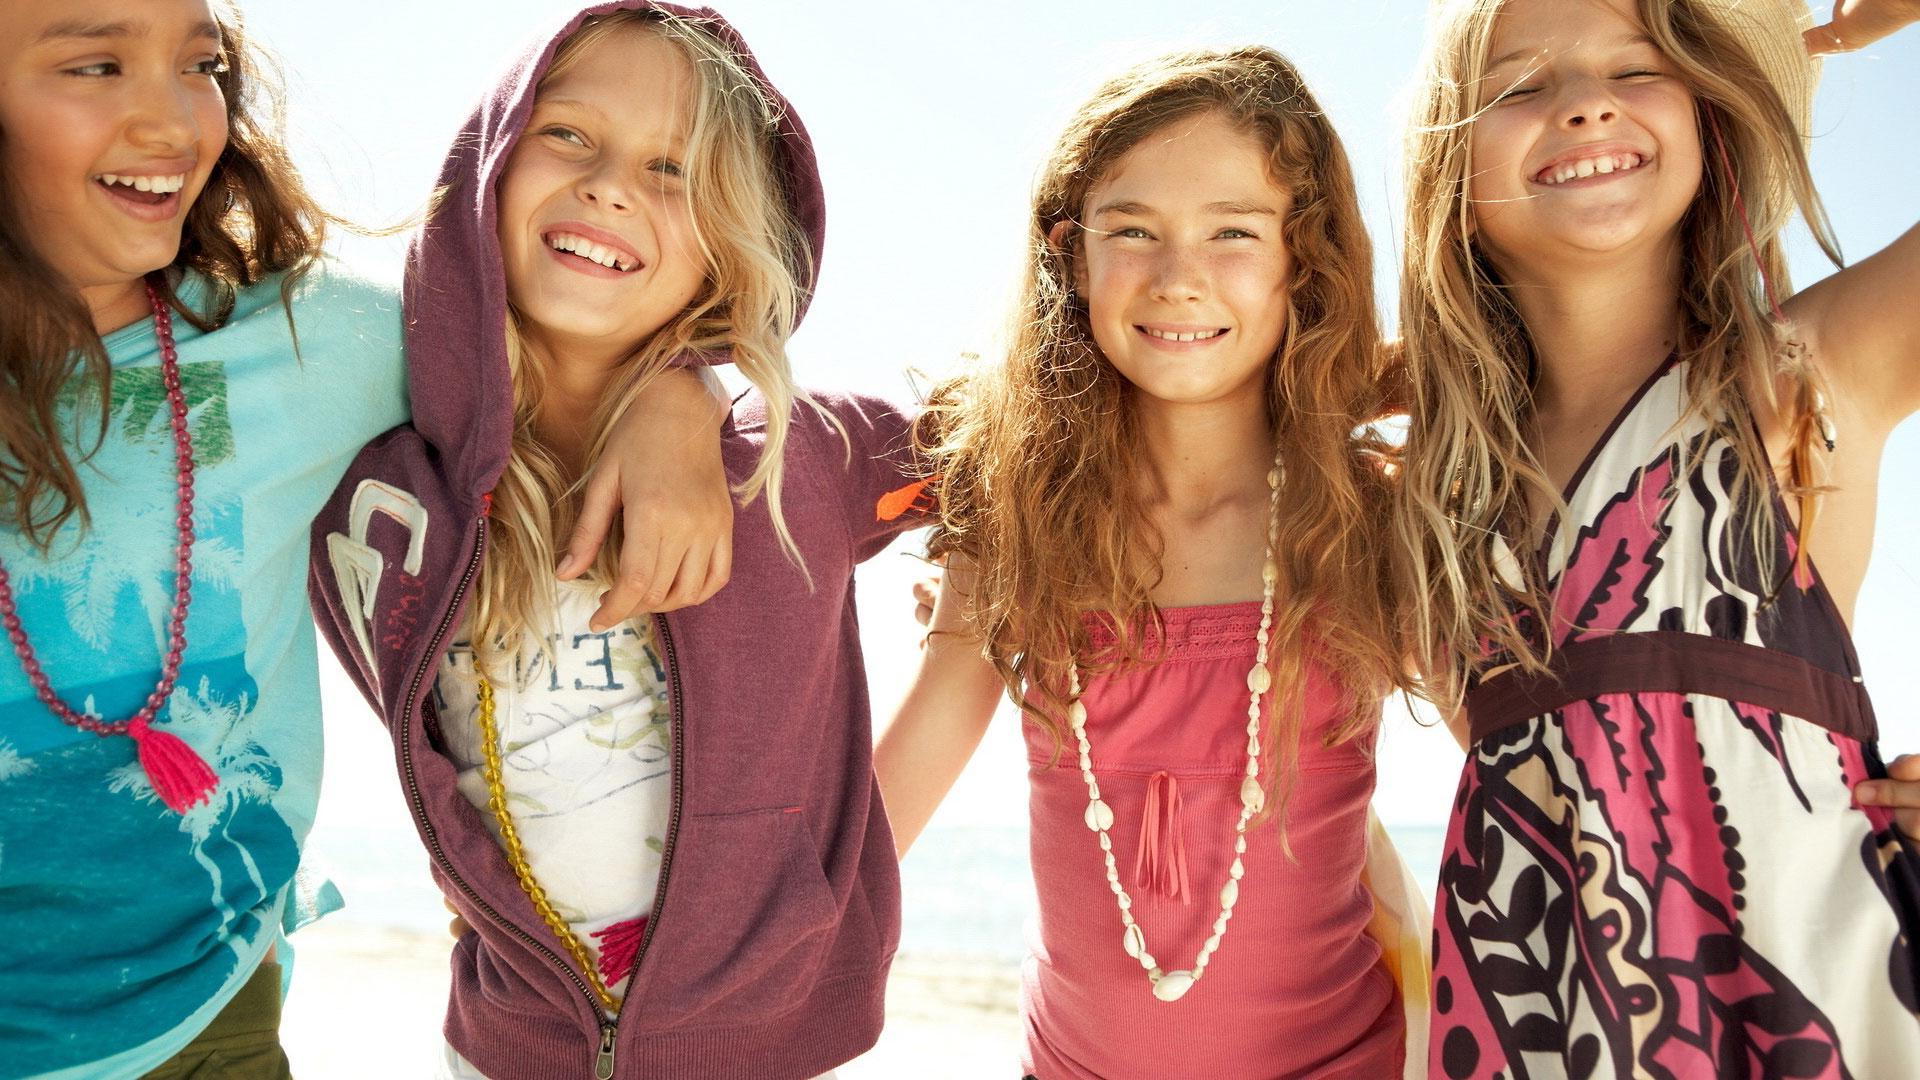 Фото компании девочек 19 фотография